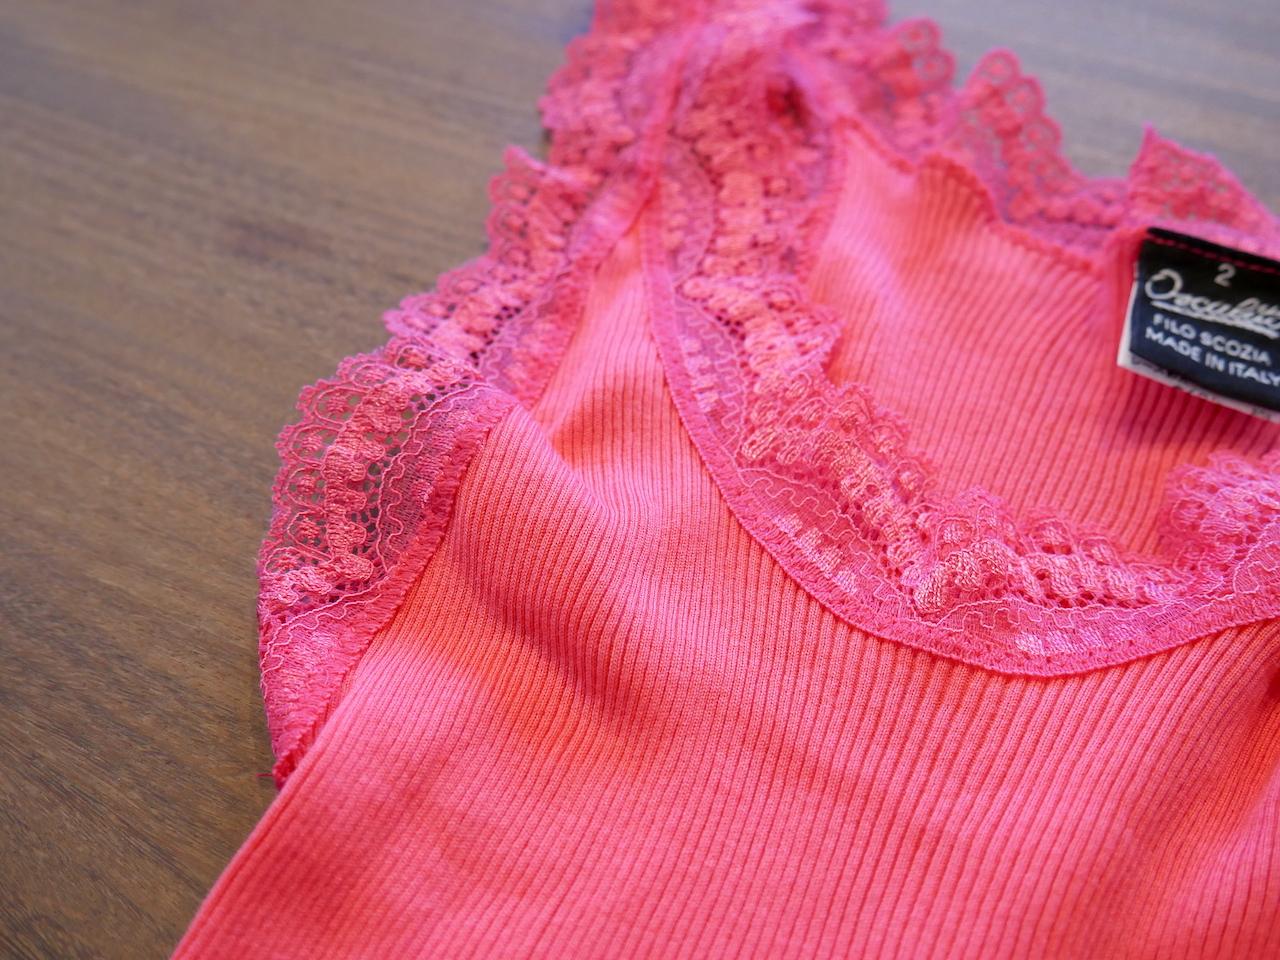 鮮やかなピンクのキャミソールを藍染めリメイクする例